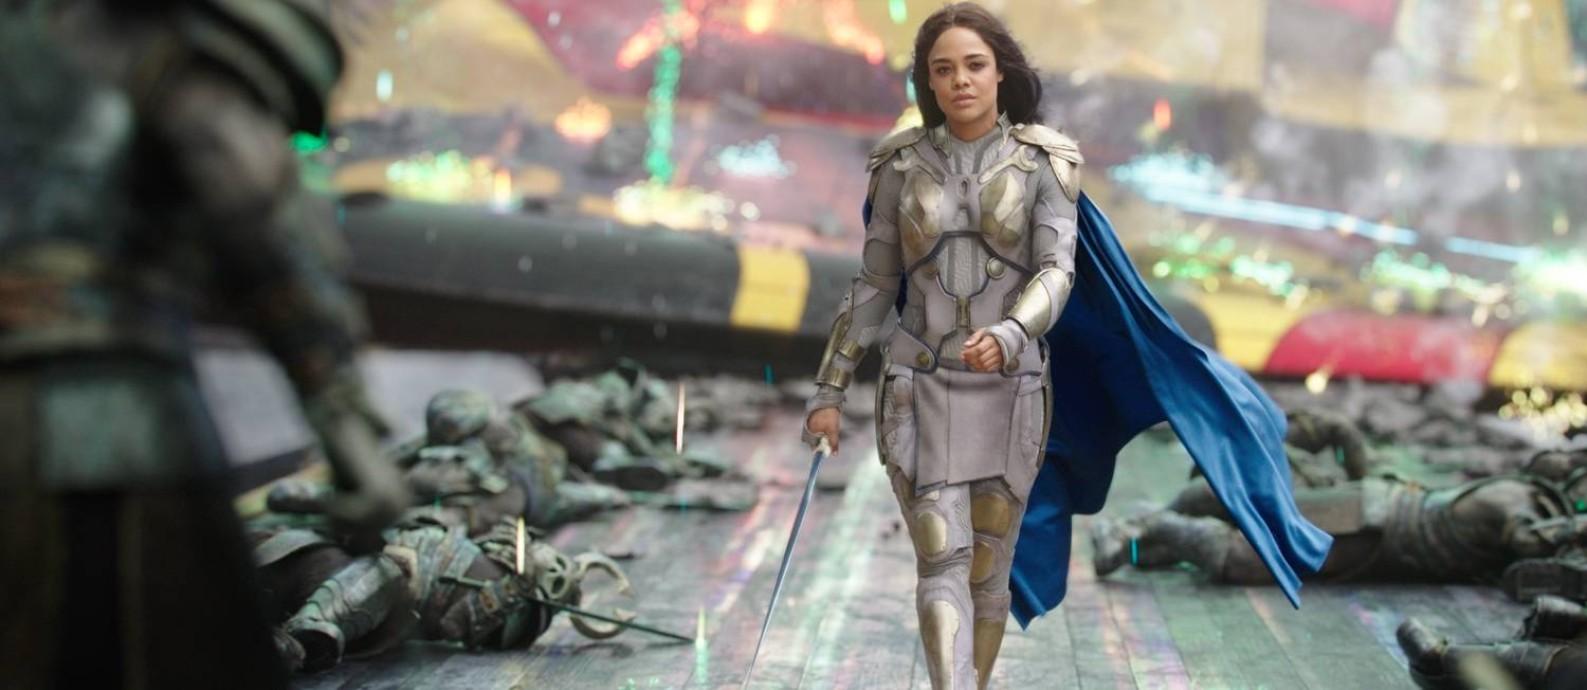 Tessa Thompson como Valkíria em 'Thor Ragnarok': nos quadrinhos, personagem se assume como bissexual Foto: Divulgação